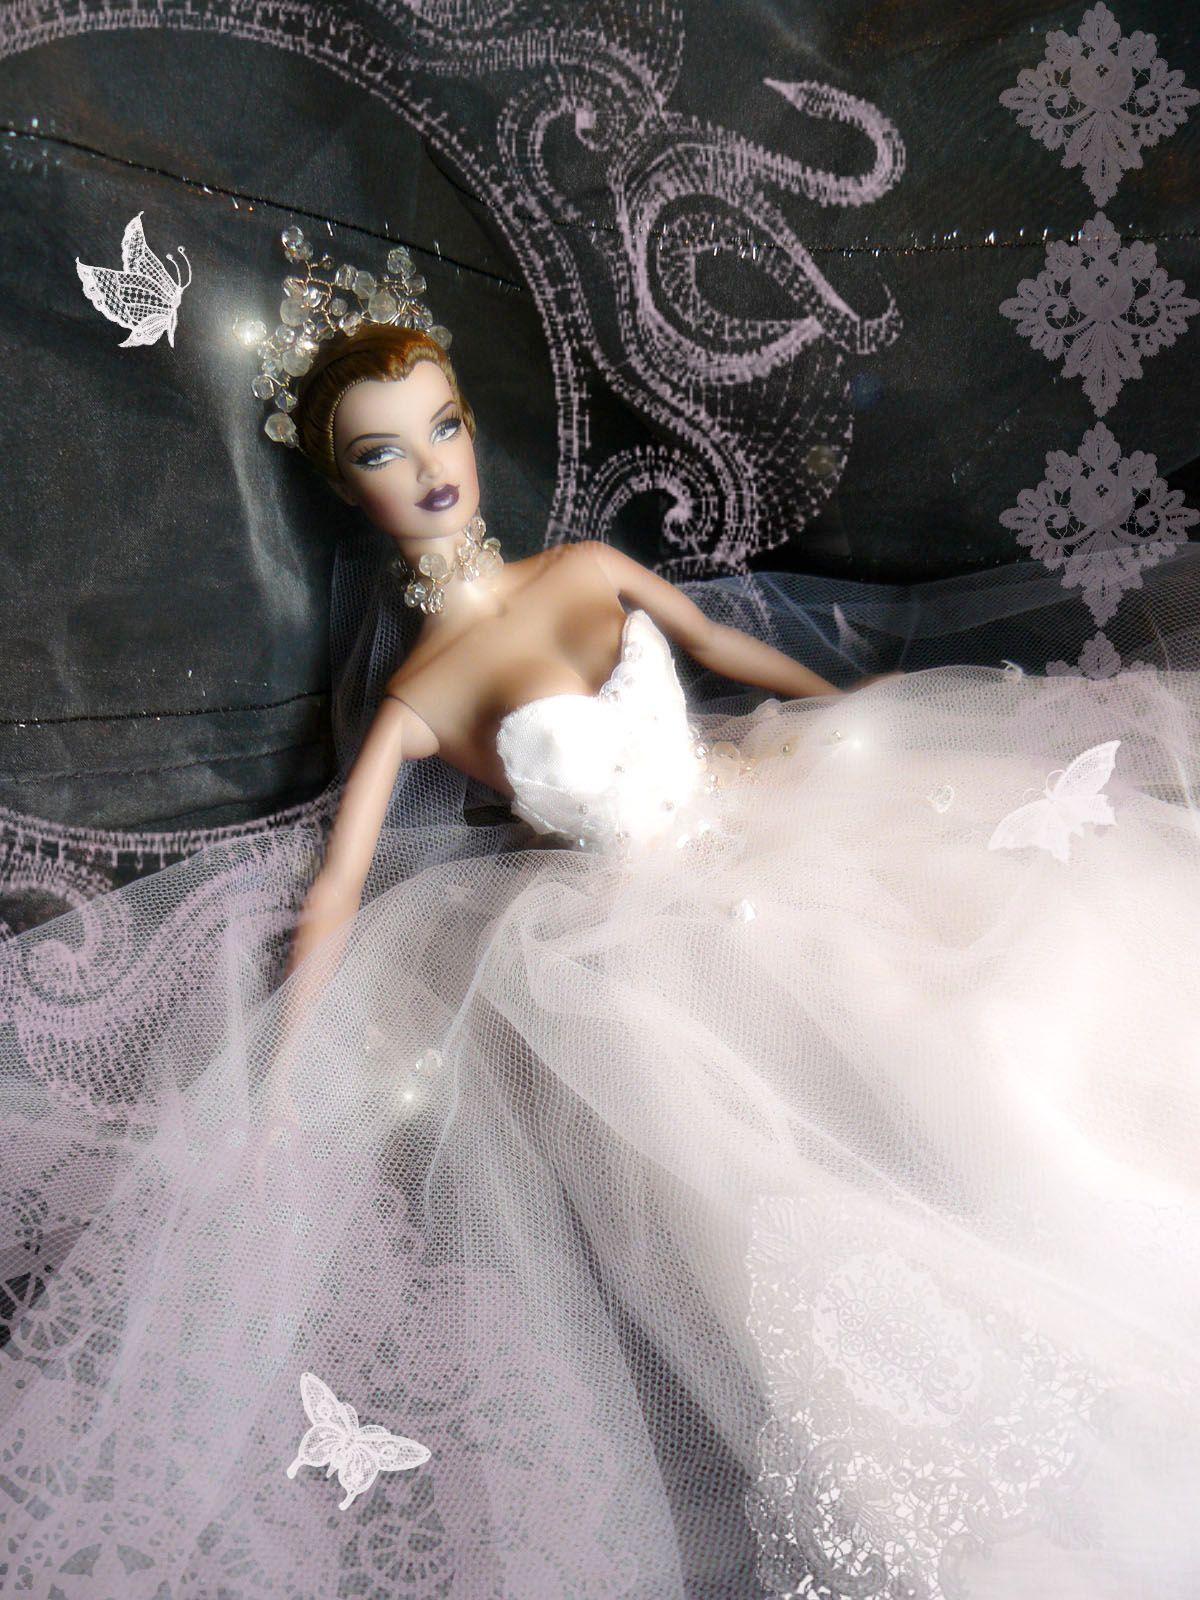 Fashion Royalty Veronique Weekly Specials - Buy Fashion Royalty